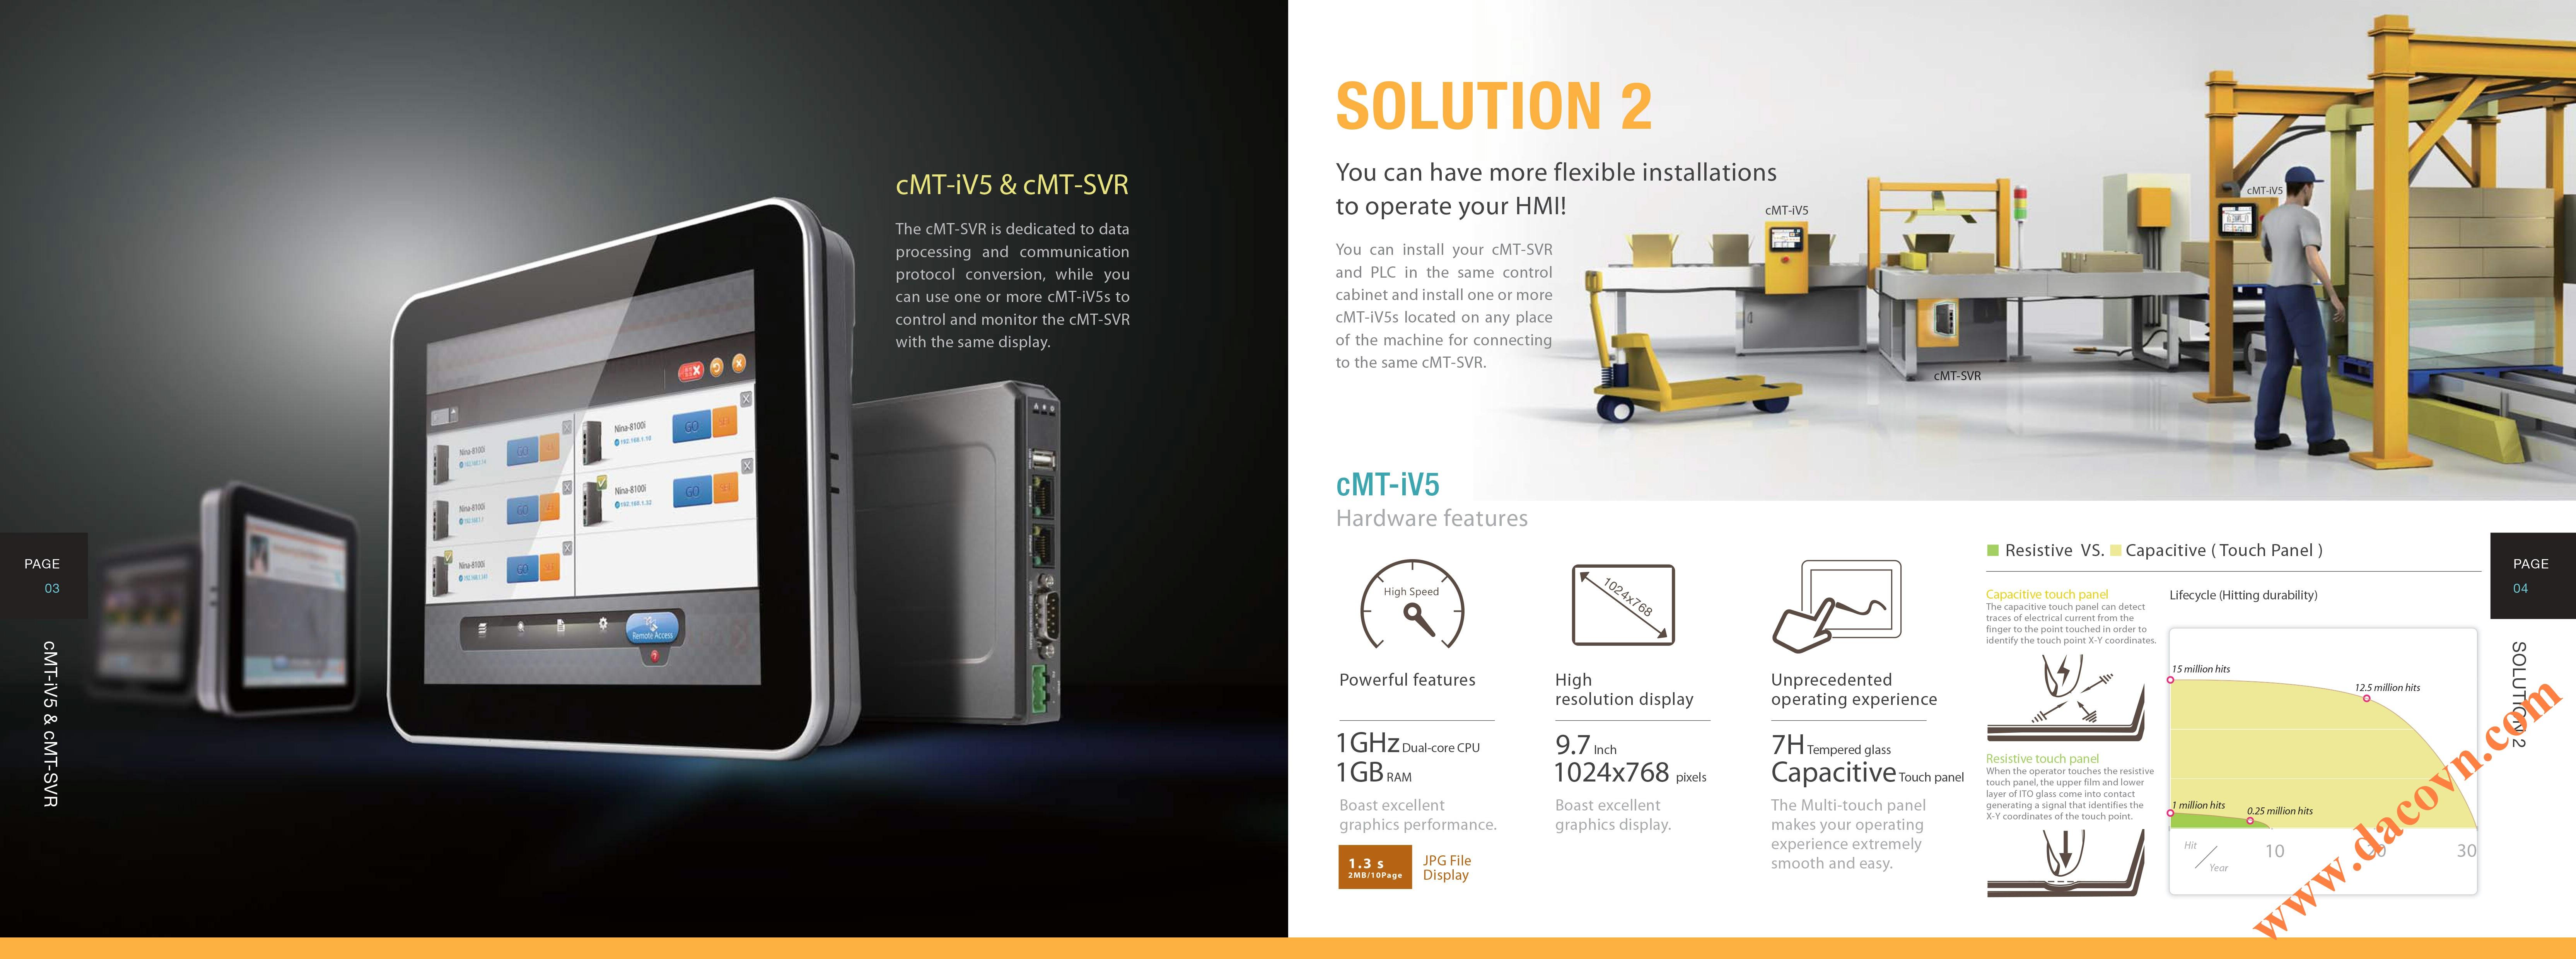 Giải pháp cMT-SVR cMT-iV5 Weintek